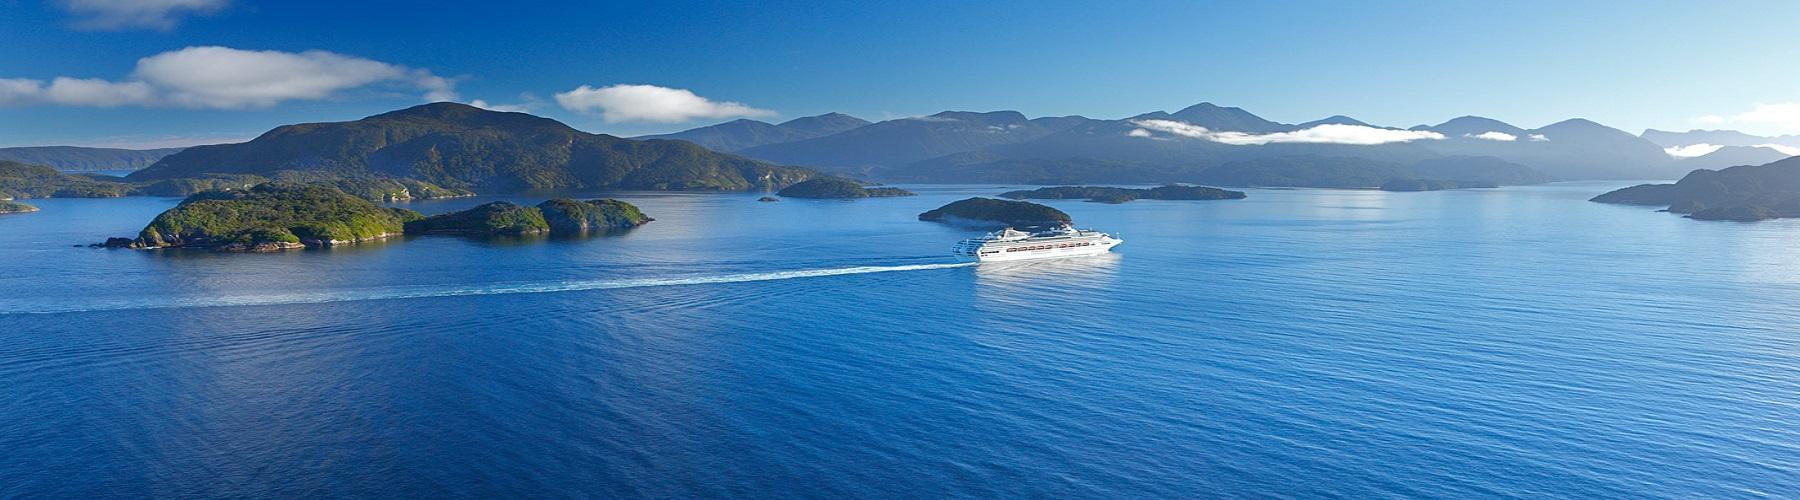 Австралия и Океания для путешественников